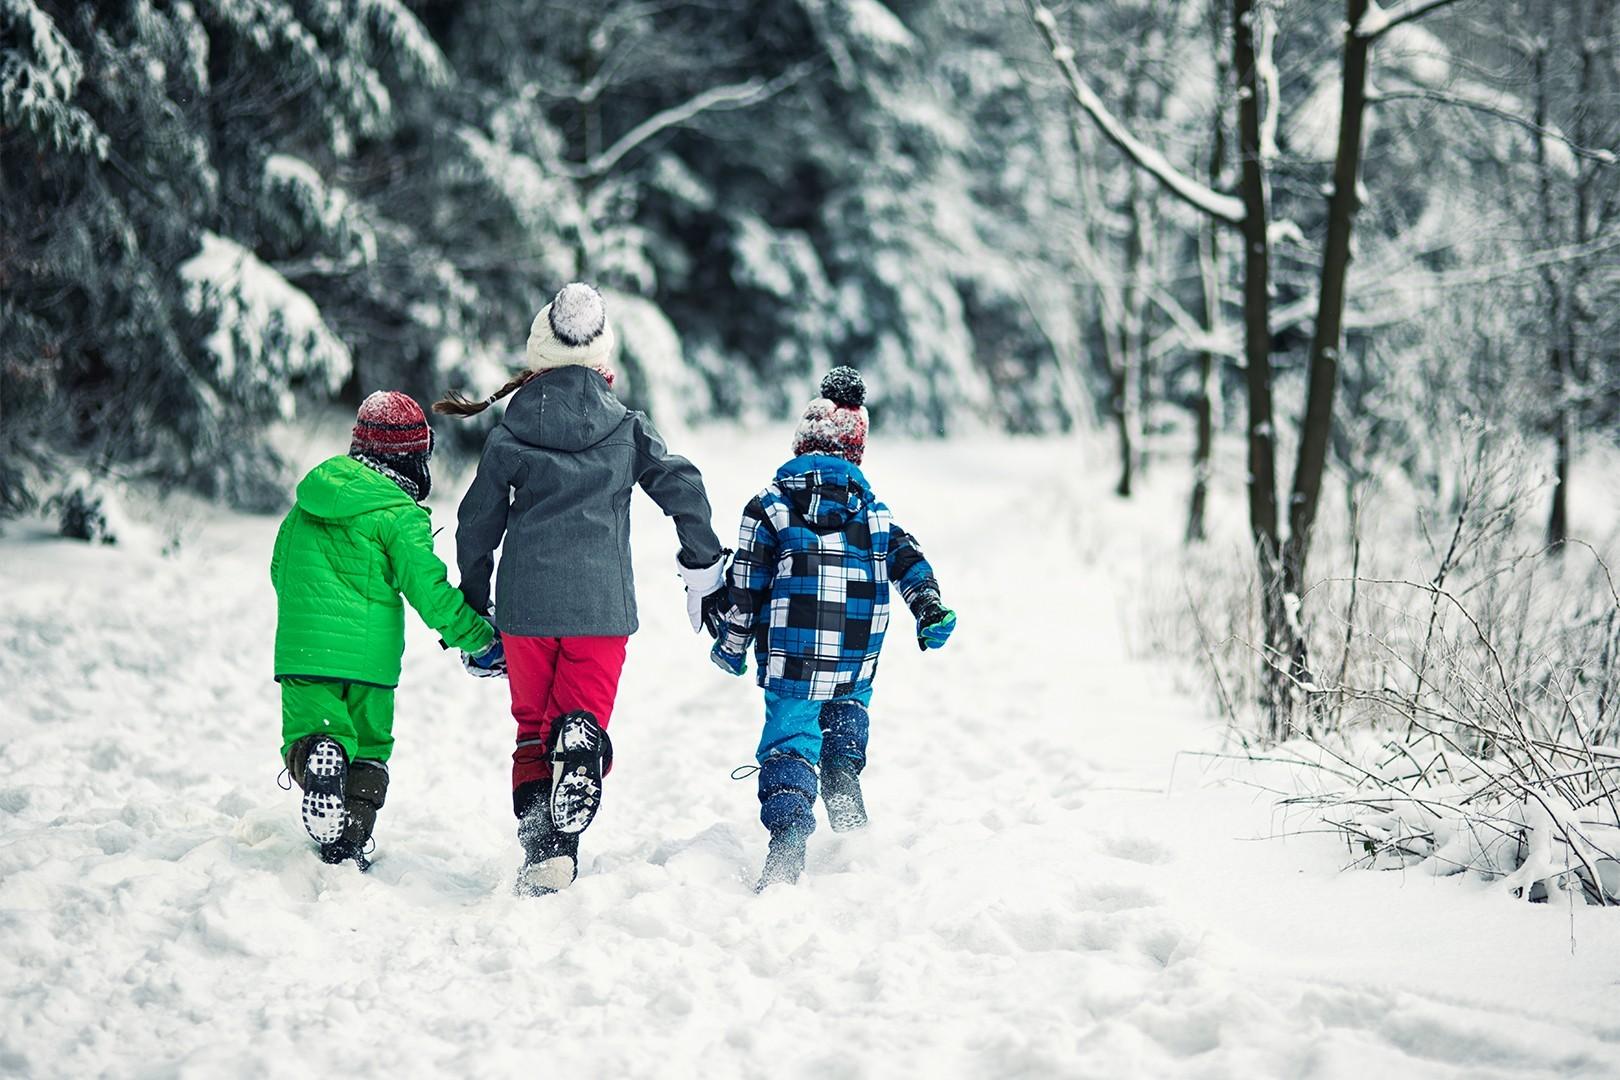 Three children dressed in bright winter clothes run through snowy woods